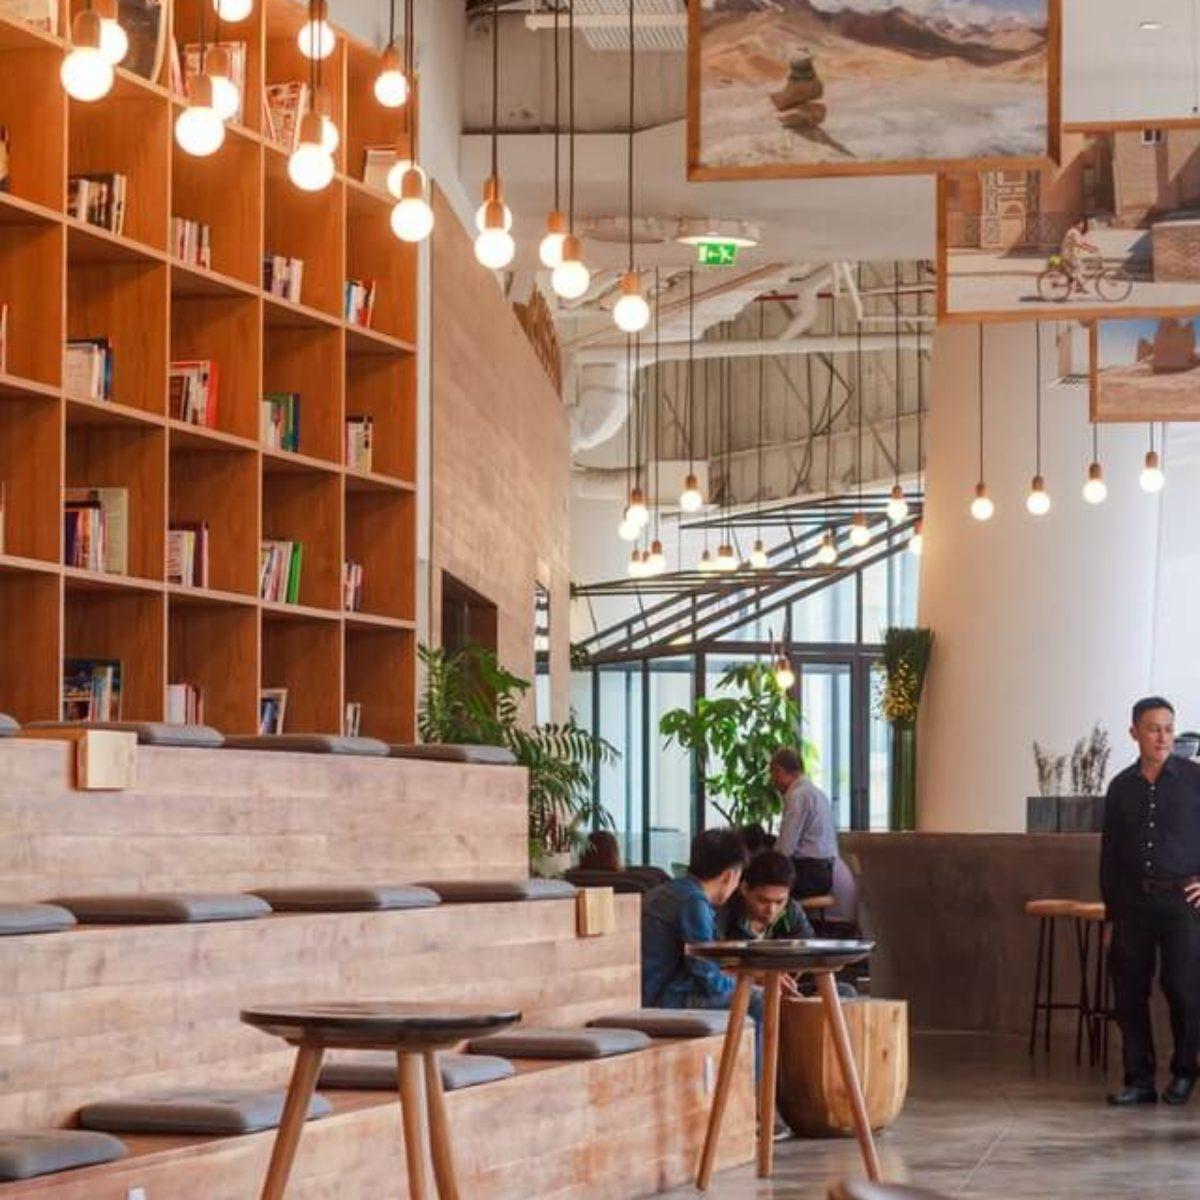 Hotel green: trend amato (e premiato), capace di attirare turisti consapevoli